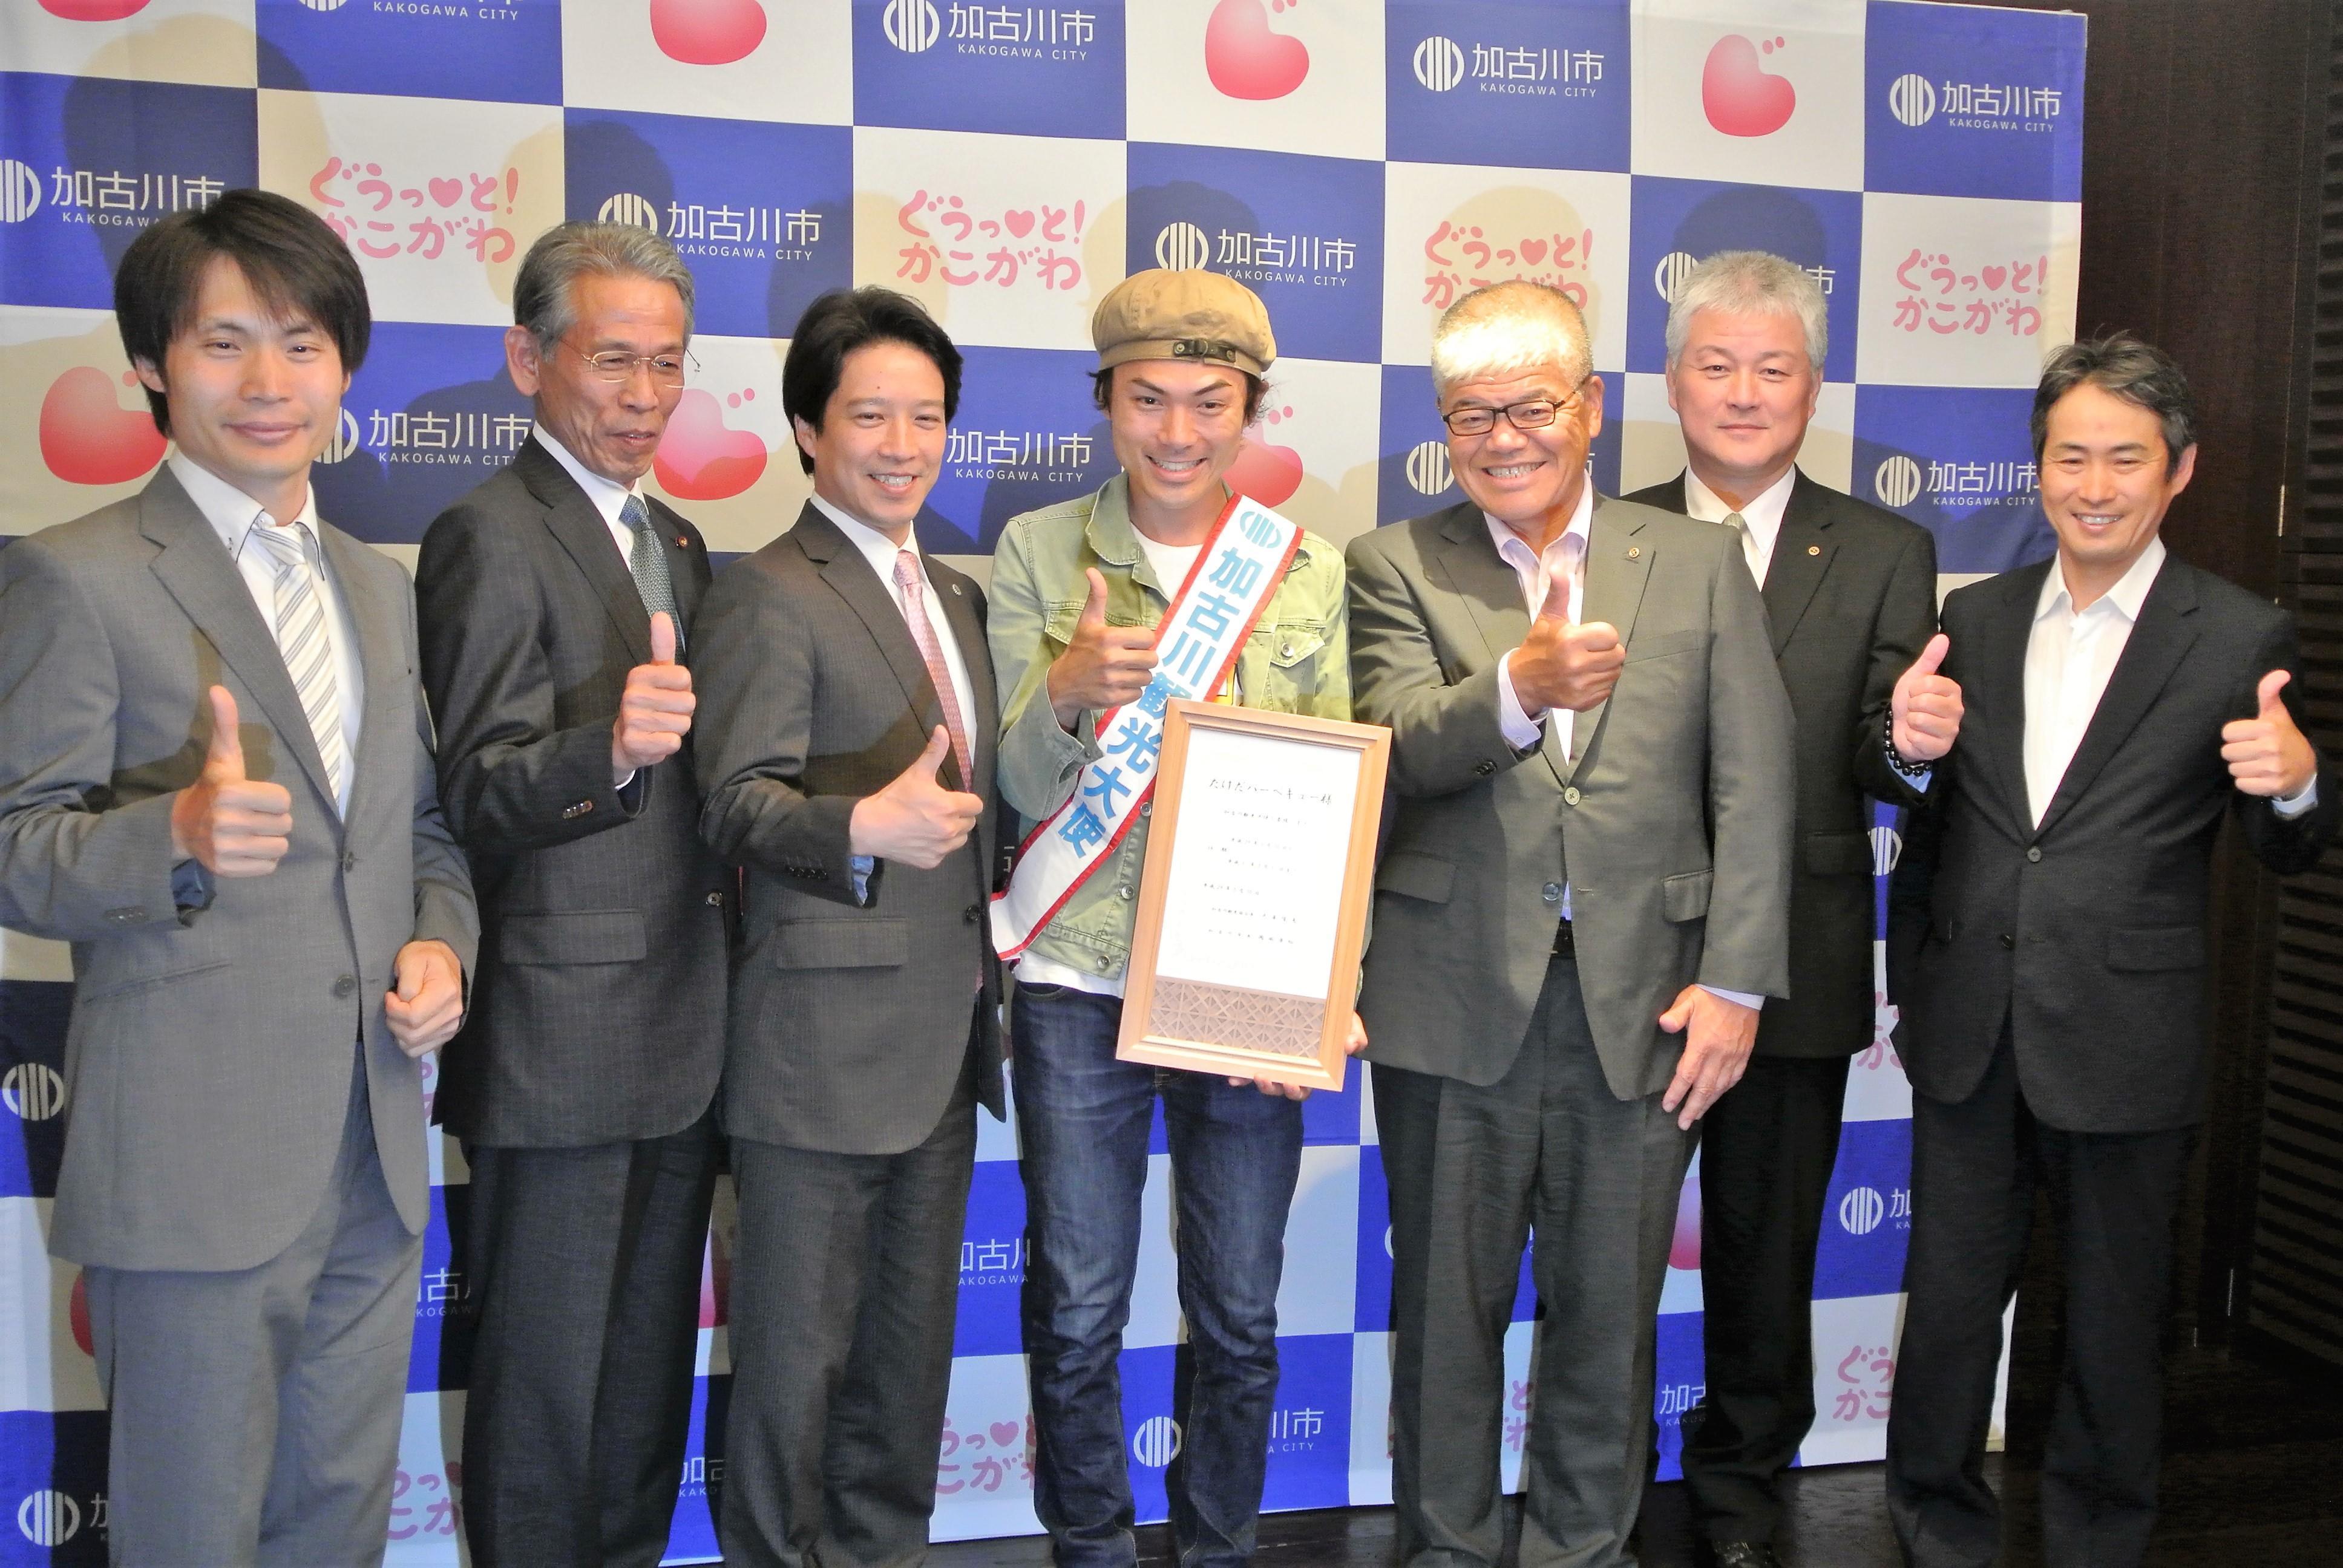 http://news.yoshimoto.co.jp/20170530202028-3a7fa34bea01e39a0eb2b5cb5743e5e689f361af.jpg